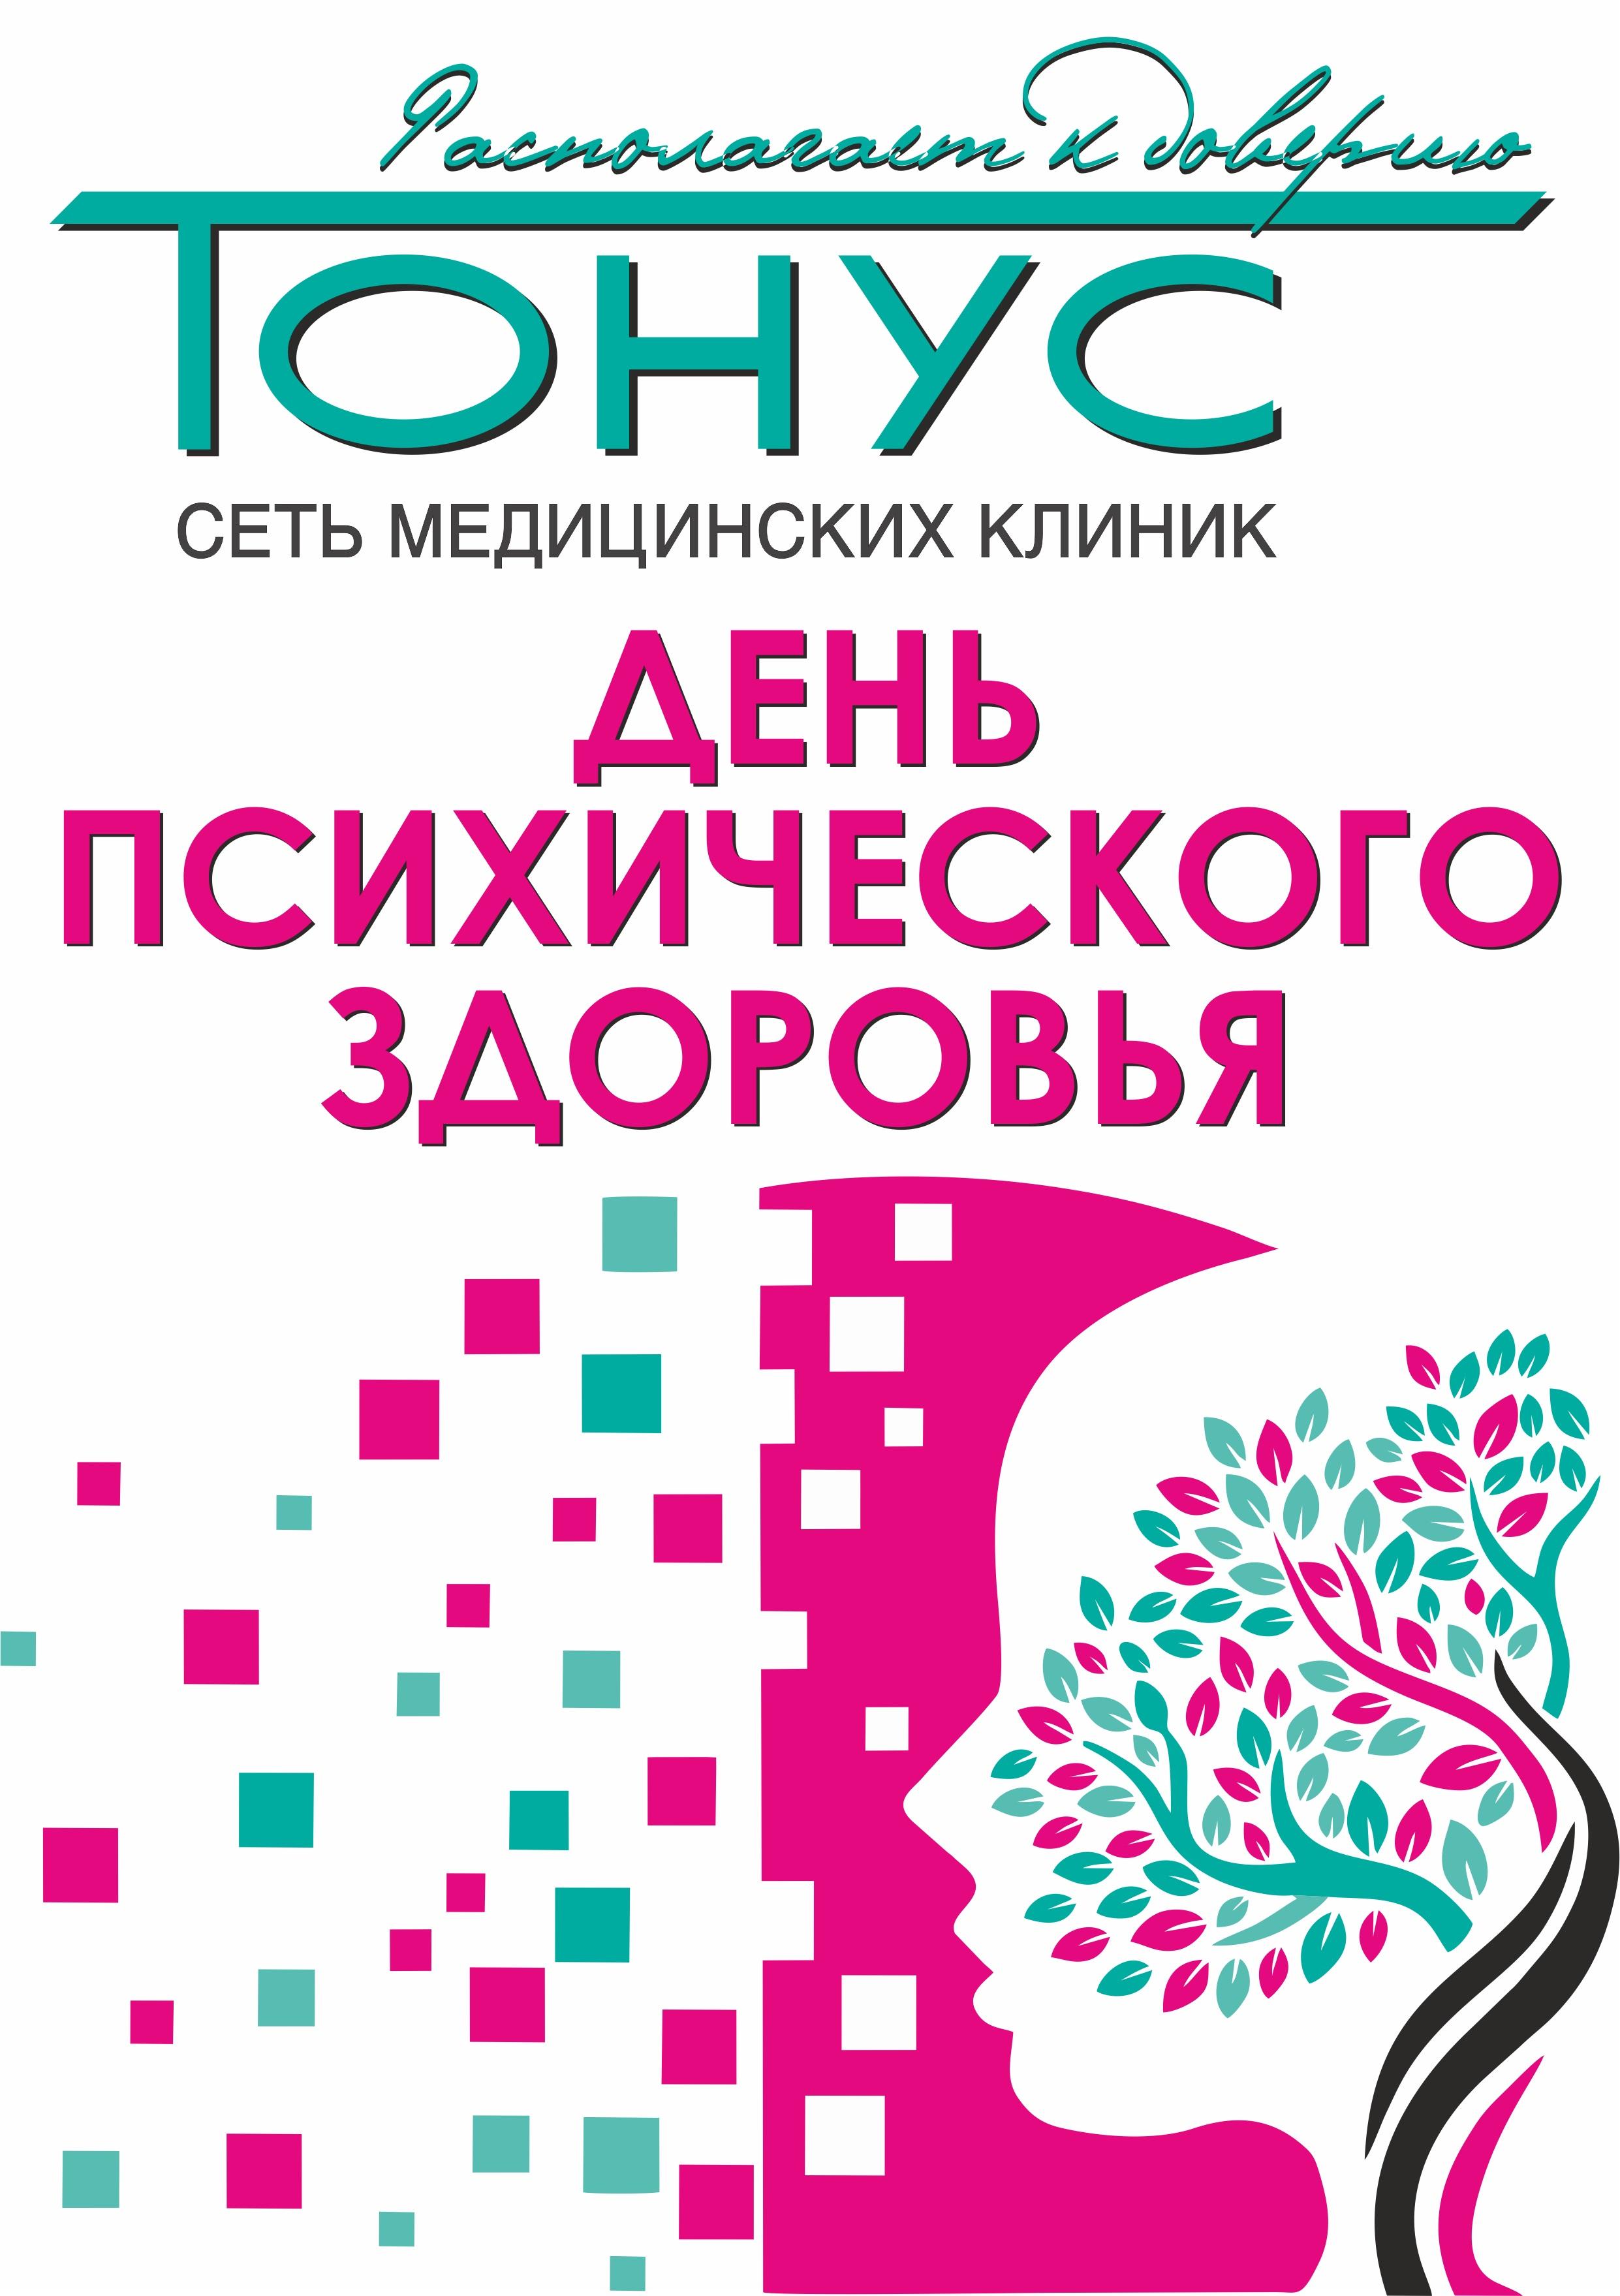 10 октября отмечается День психического здоровья!